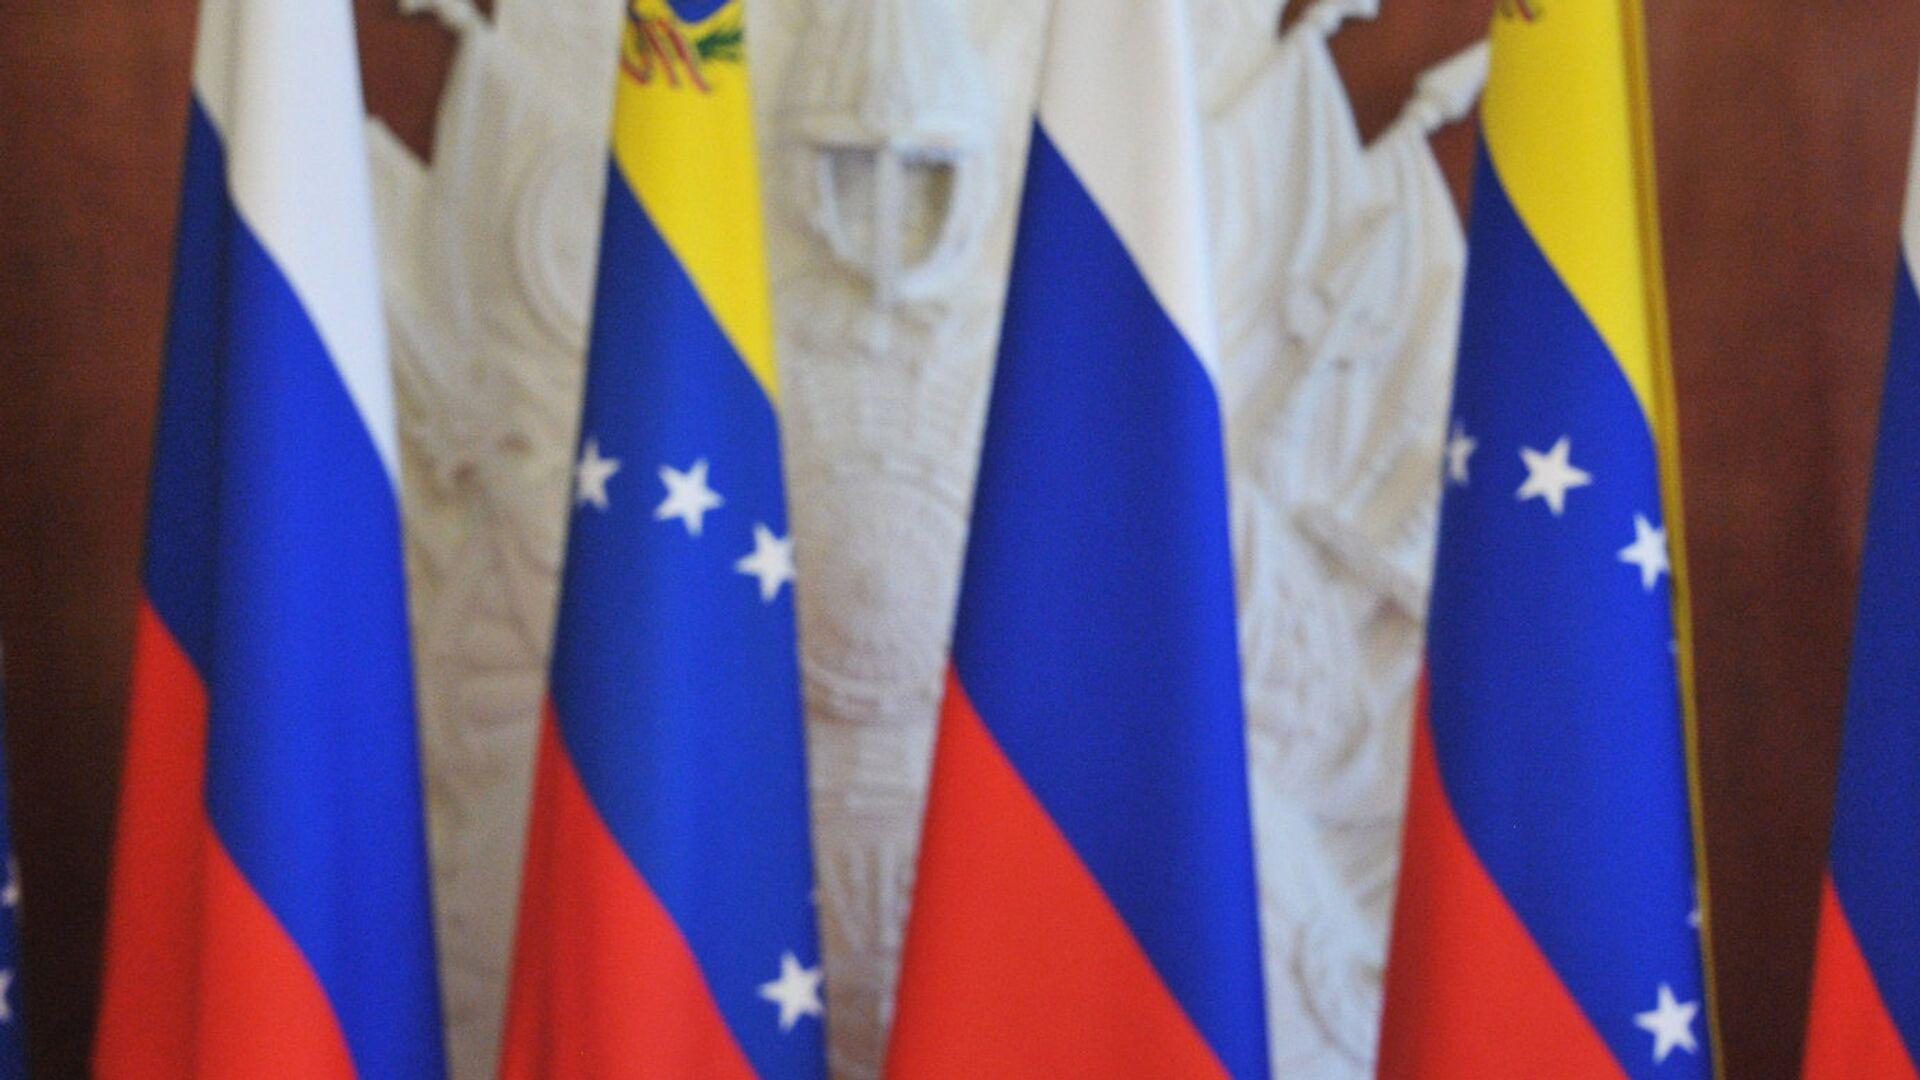 Las banderas de Rusia y Venezuela - Sputnik Mundo, 1920, 21.09.2021